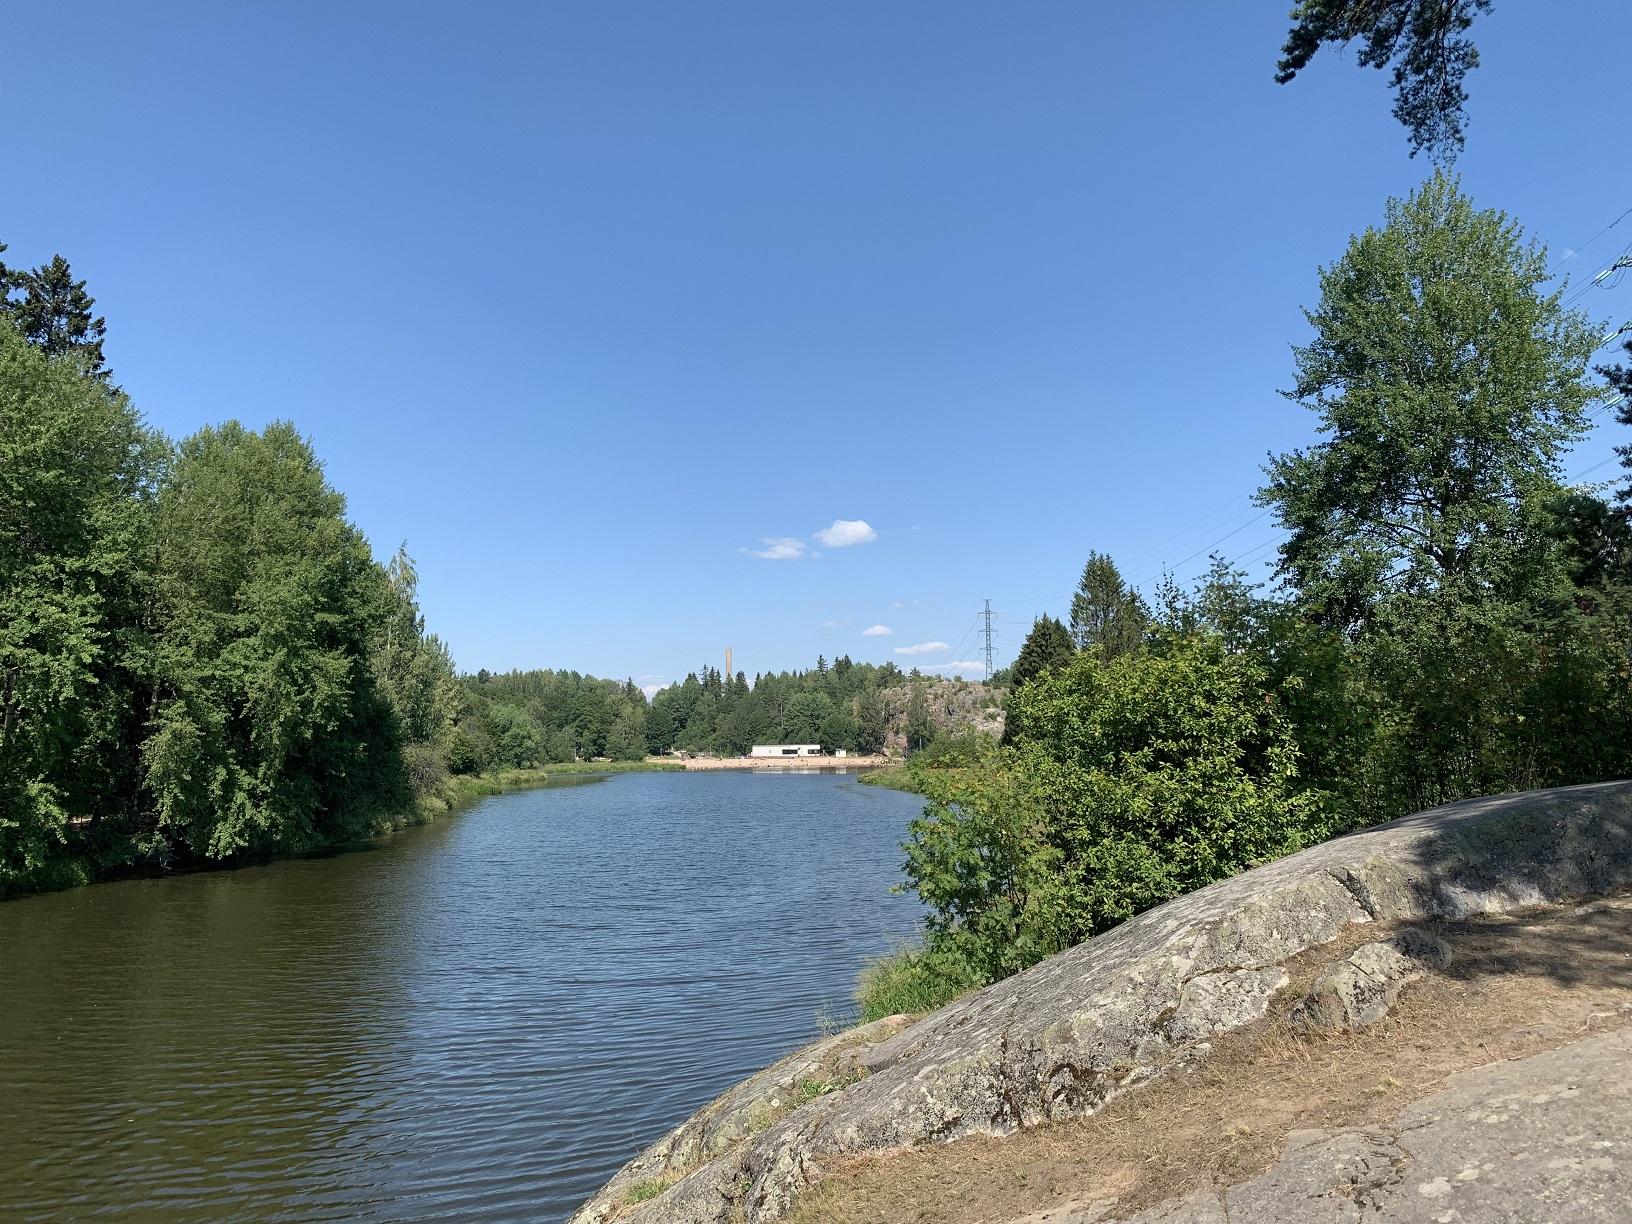 Blick zum Strandbad Pikkukoski, Helsinki